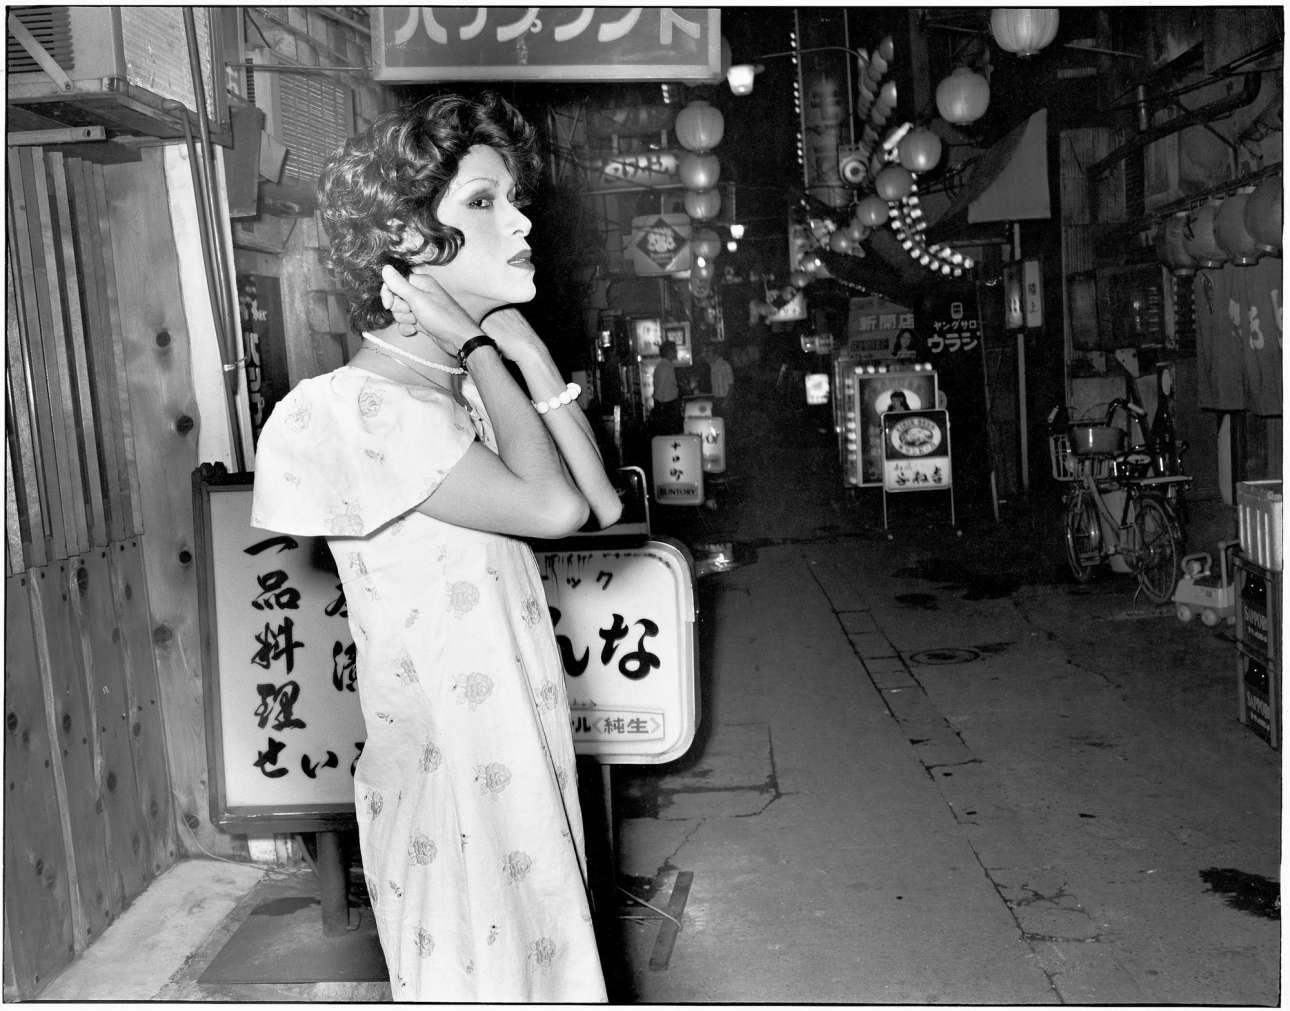 Seiji Kurata, «Αν και δεν υπάρχει πελάτης ούτε για δείγμα...» («Even though there's no sign of any customers....») κοντά στο Ικεμπουκούρο, Χικαριμάτσι Οχάσι,1975. Ο αυτοδίδακτος φωτογράφος Σέιτζι Κουράτα αποτυπώνει τον υπόκοσμο του Τόκιο σε υπέροχες ασπρόμαυρες φωτογραφίες